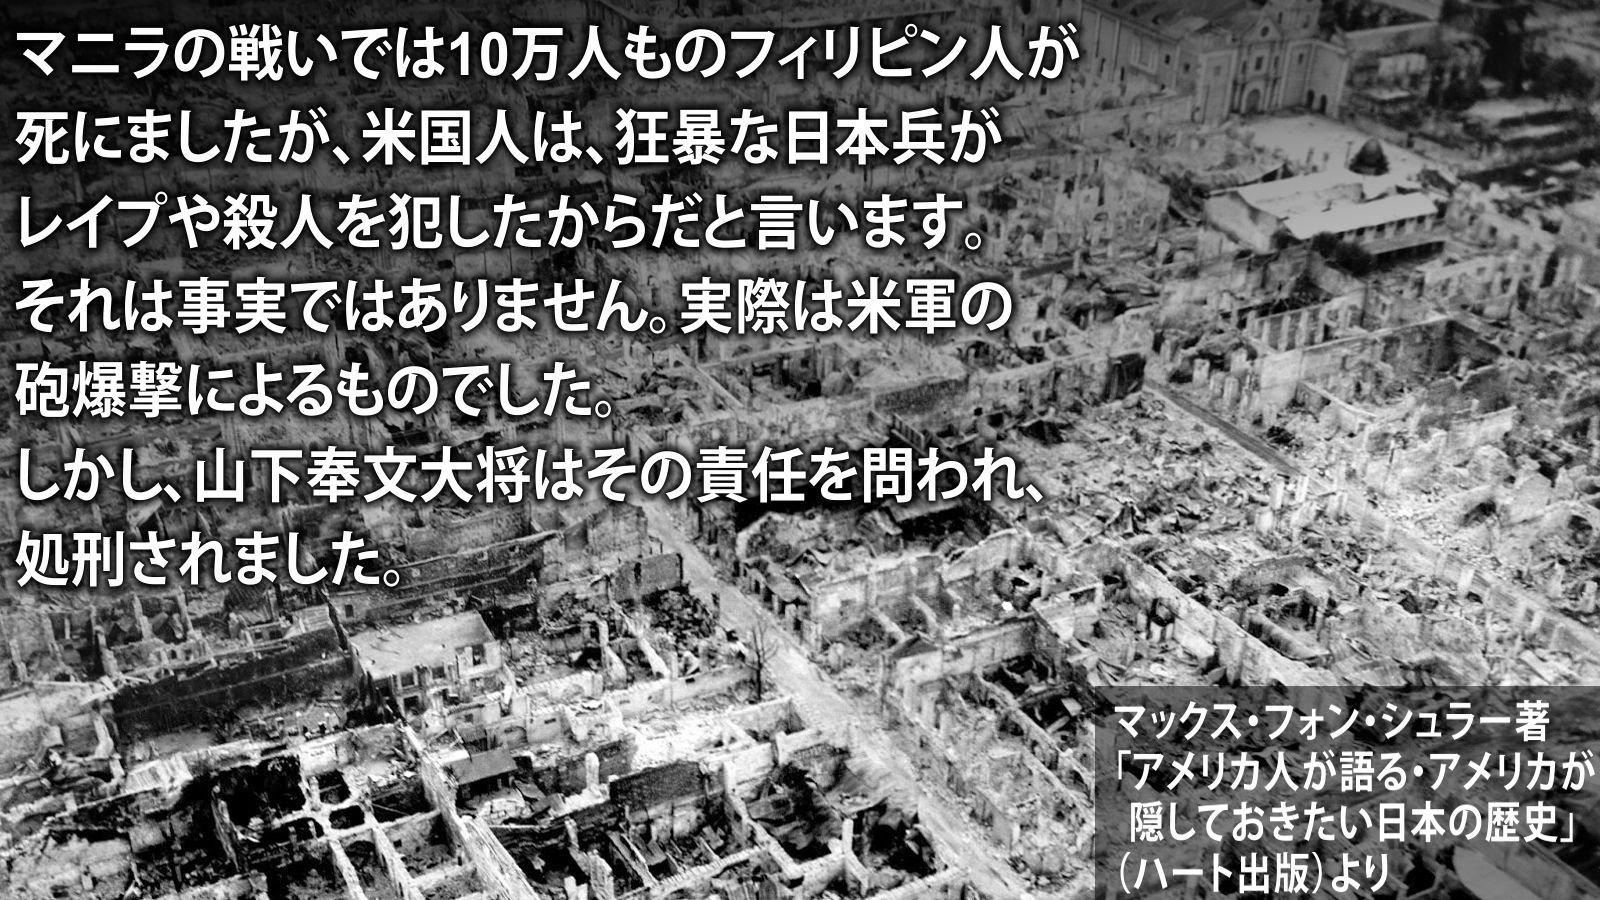 アメリカ人が語る・アメリカが隠しておきたい日本の歴史